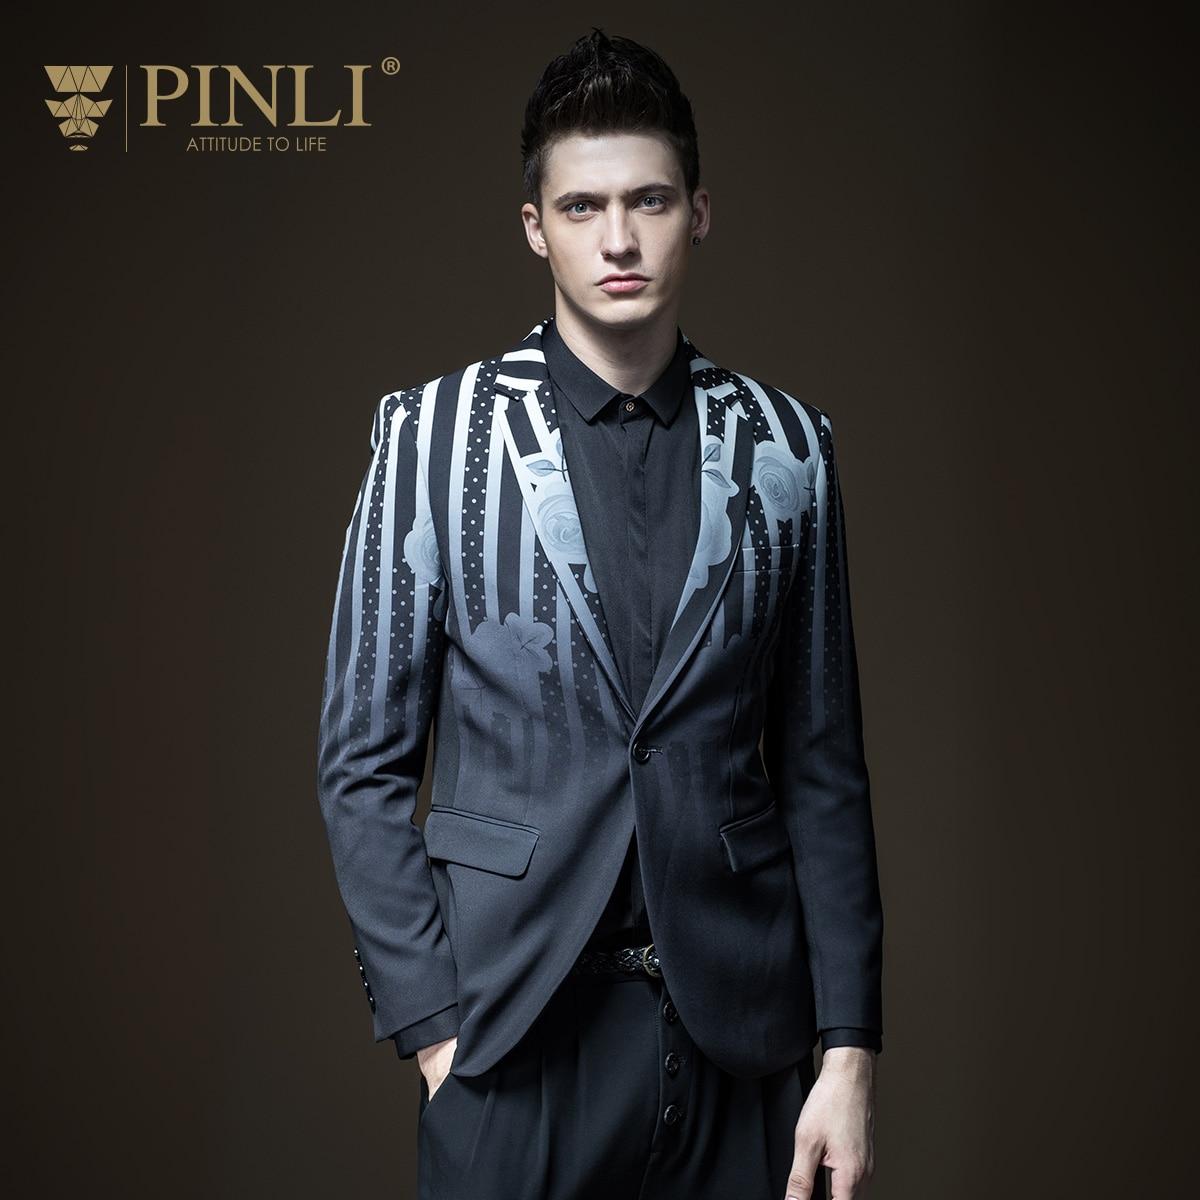 Costume Homme Pinli Produit L'imprimerie Et Costume De Loisirs Pour Hommes Manteau De Cultiver La Moralité B173306167 Automne Mode